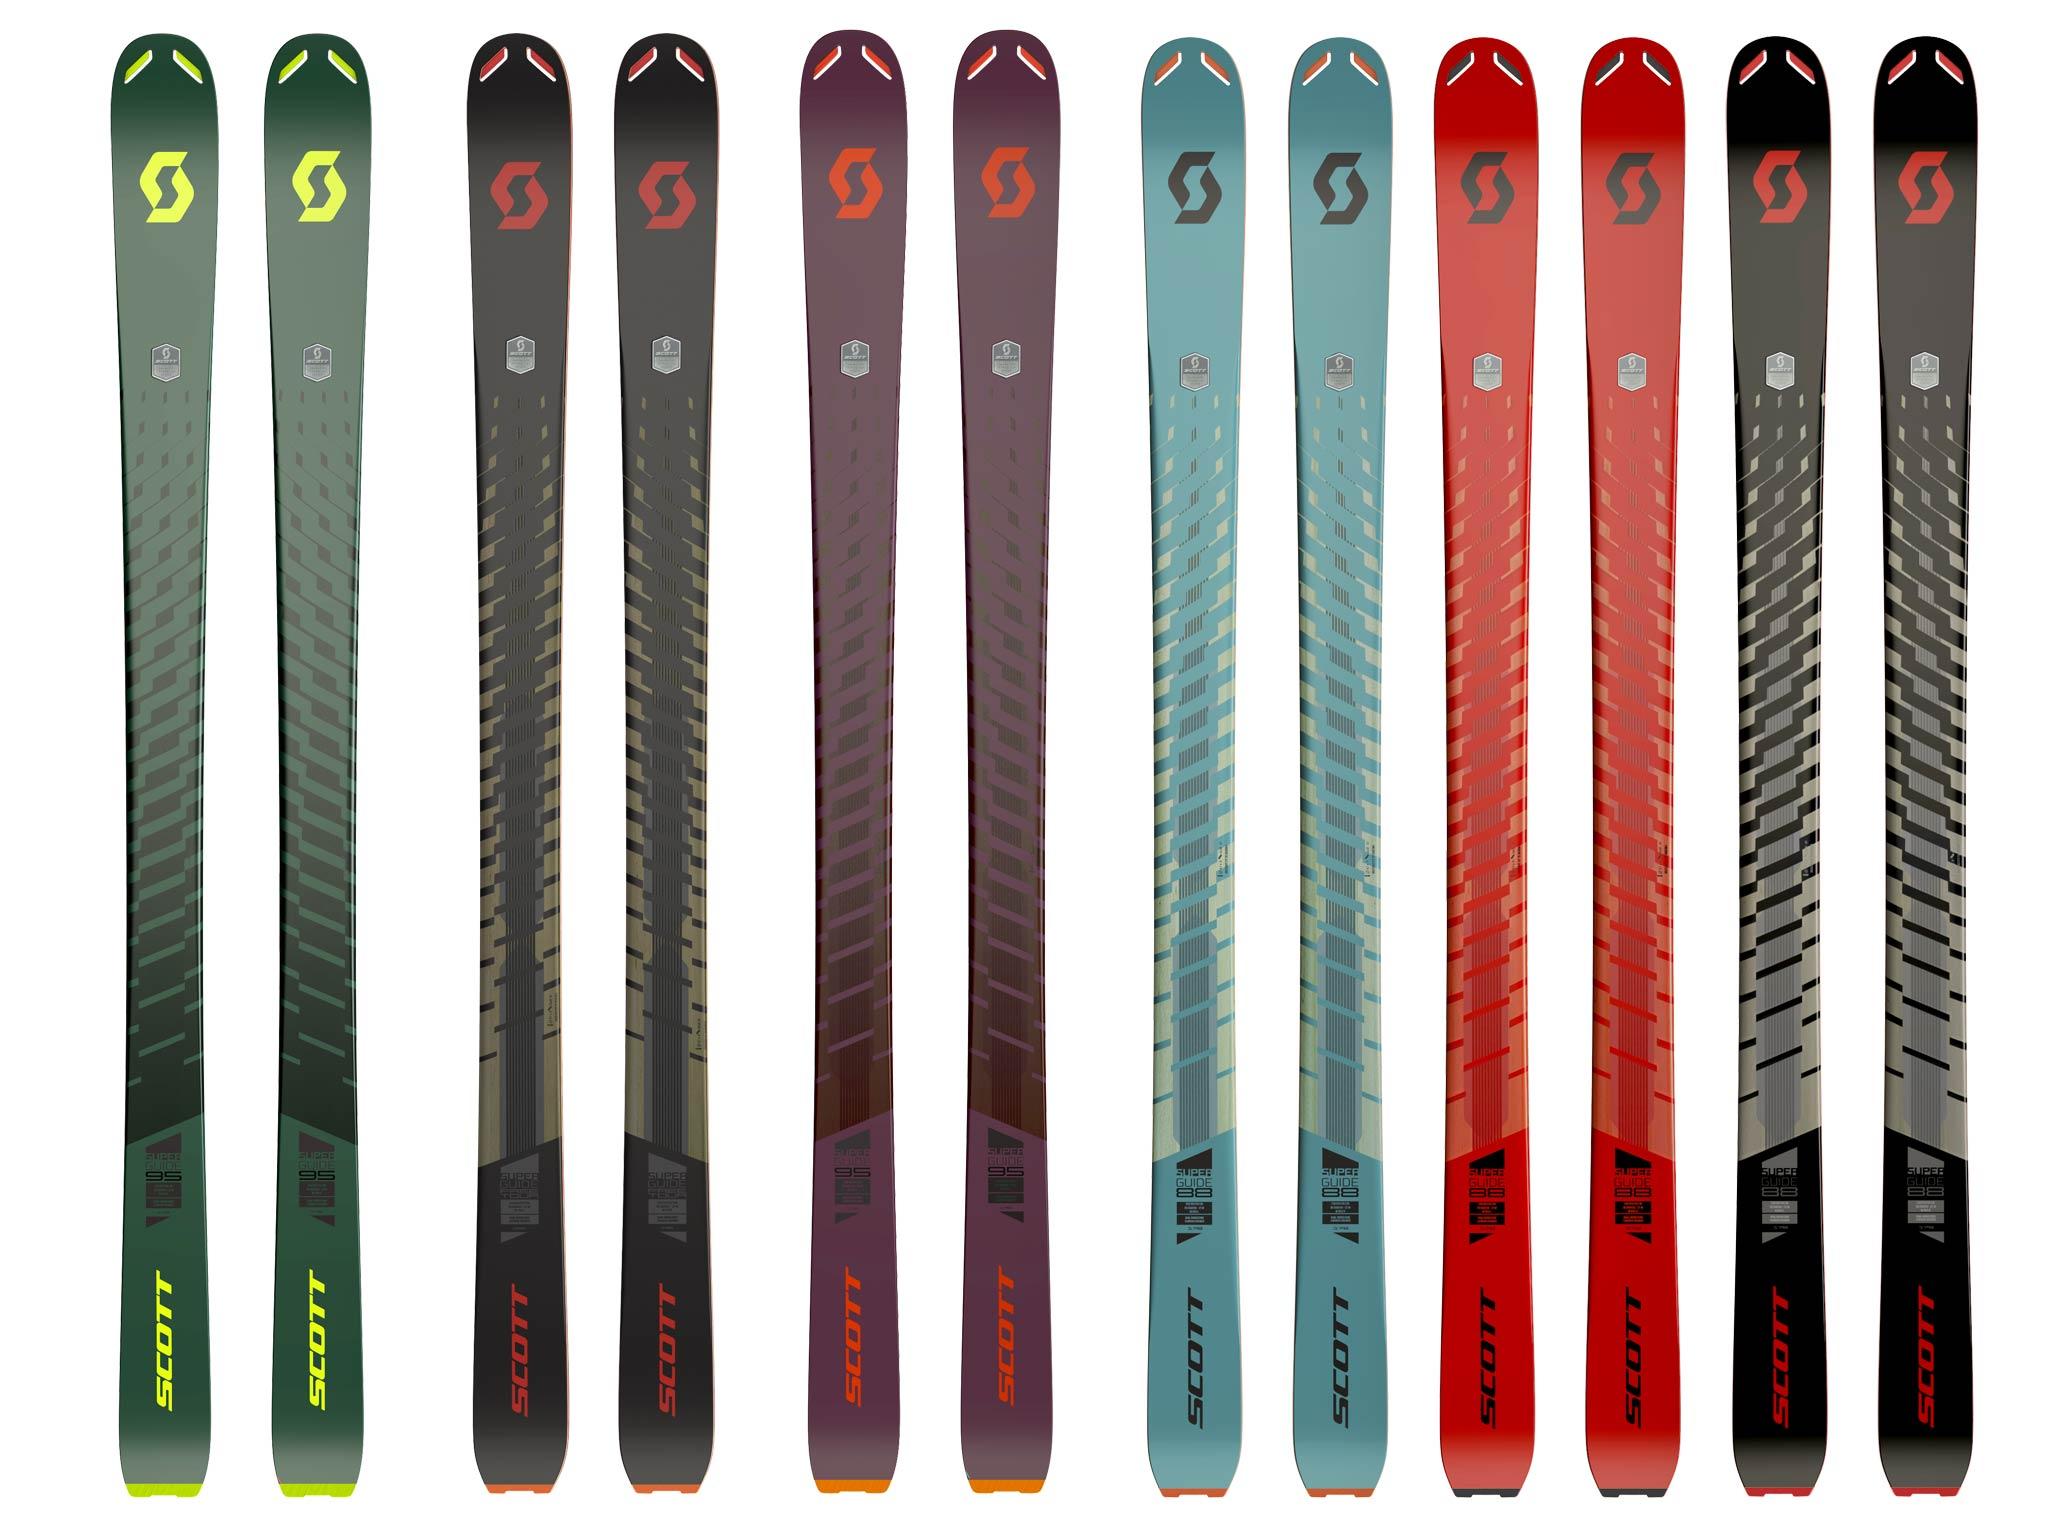 Scott Superguide Ski Kollektion - Übersicht